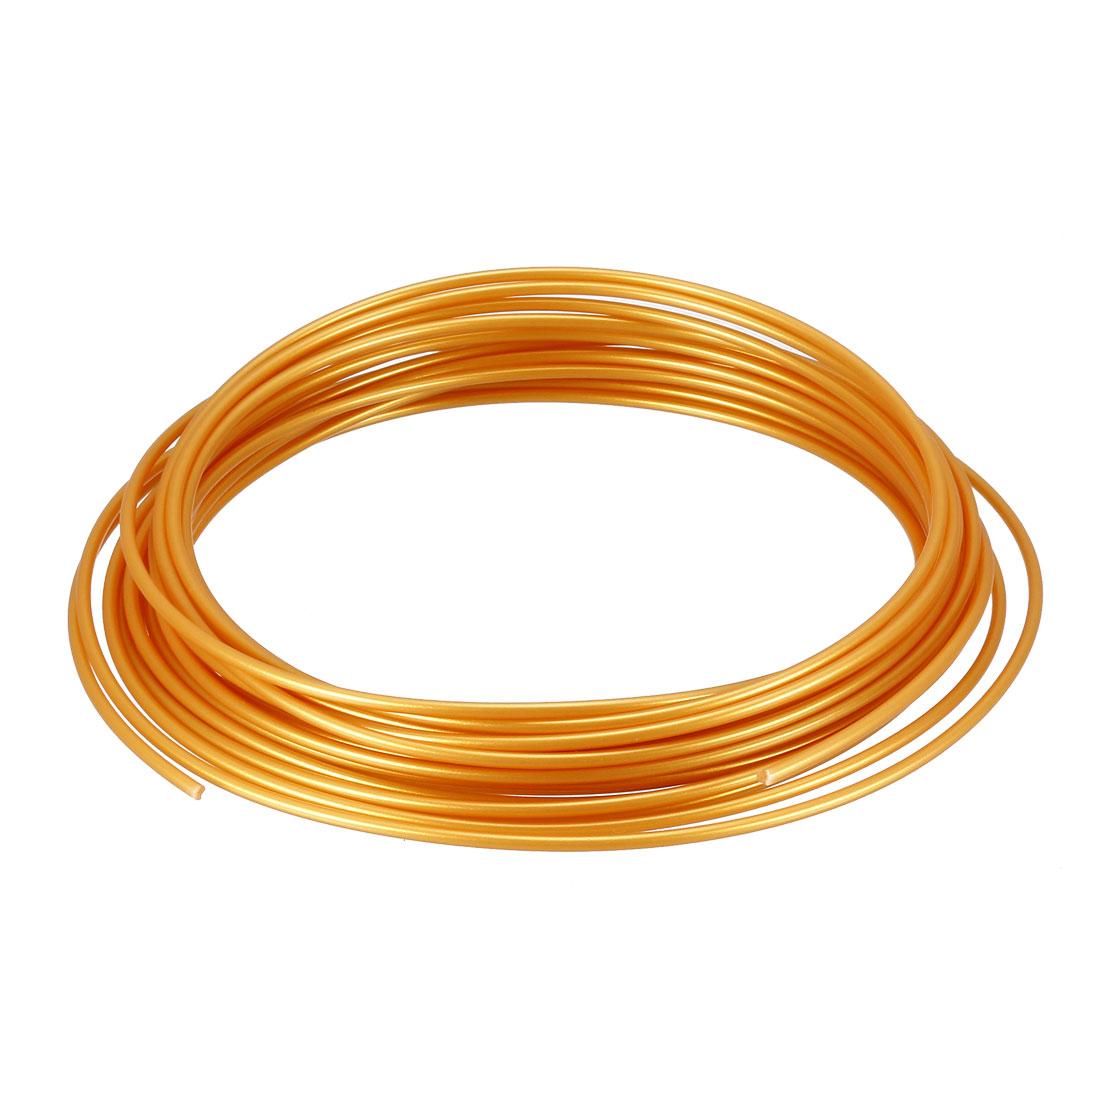 5 Meter/16 Ft PLA 3D Pen/3D Printer Filament, 1.75 mm Golden